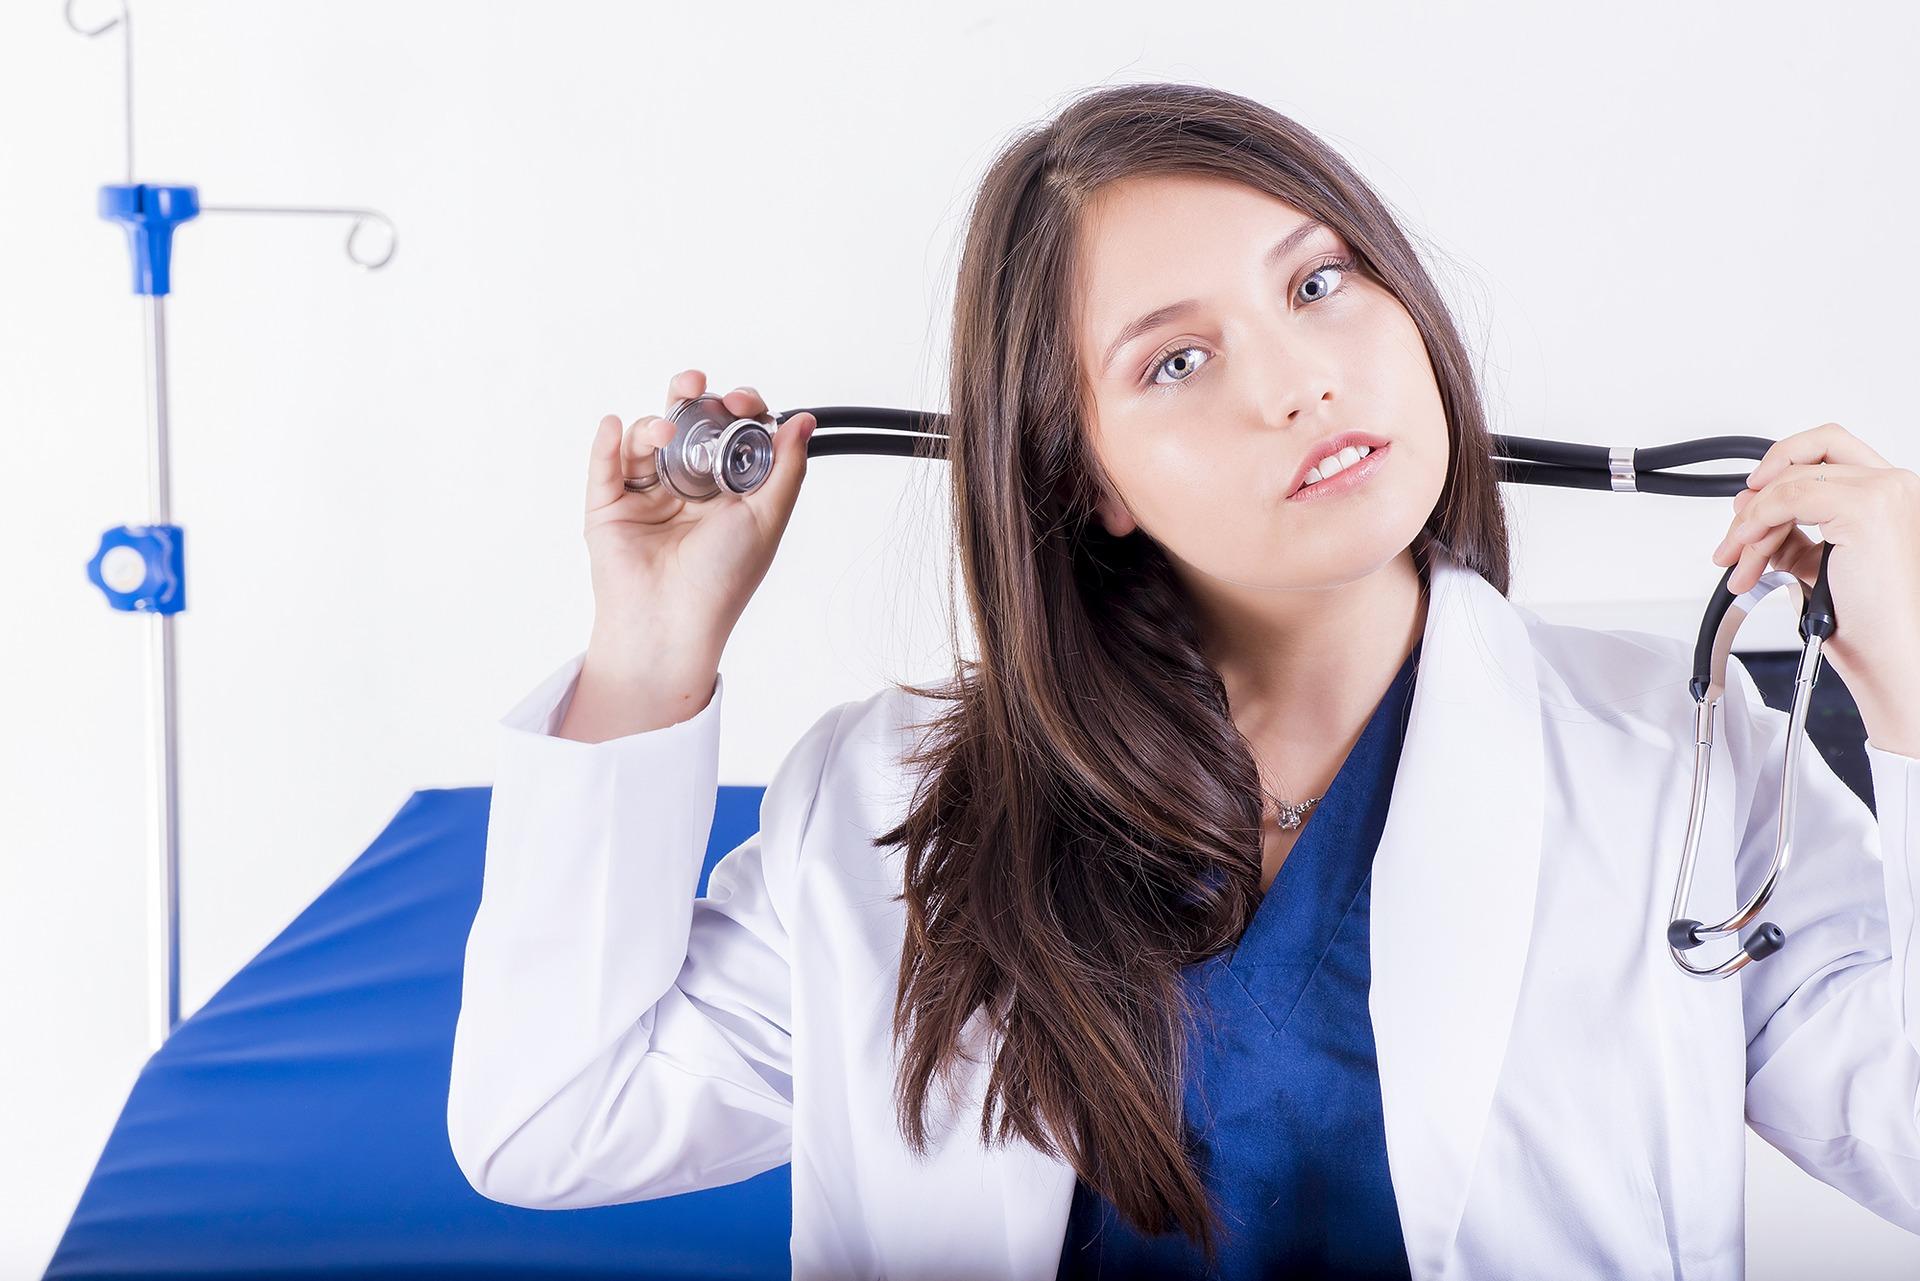 metodi non invasive in chirurgia estetica